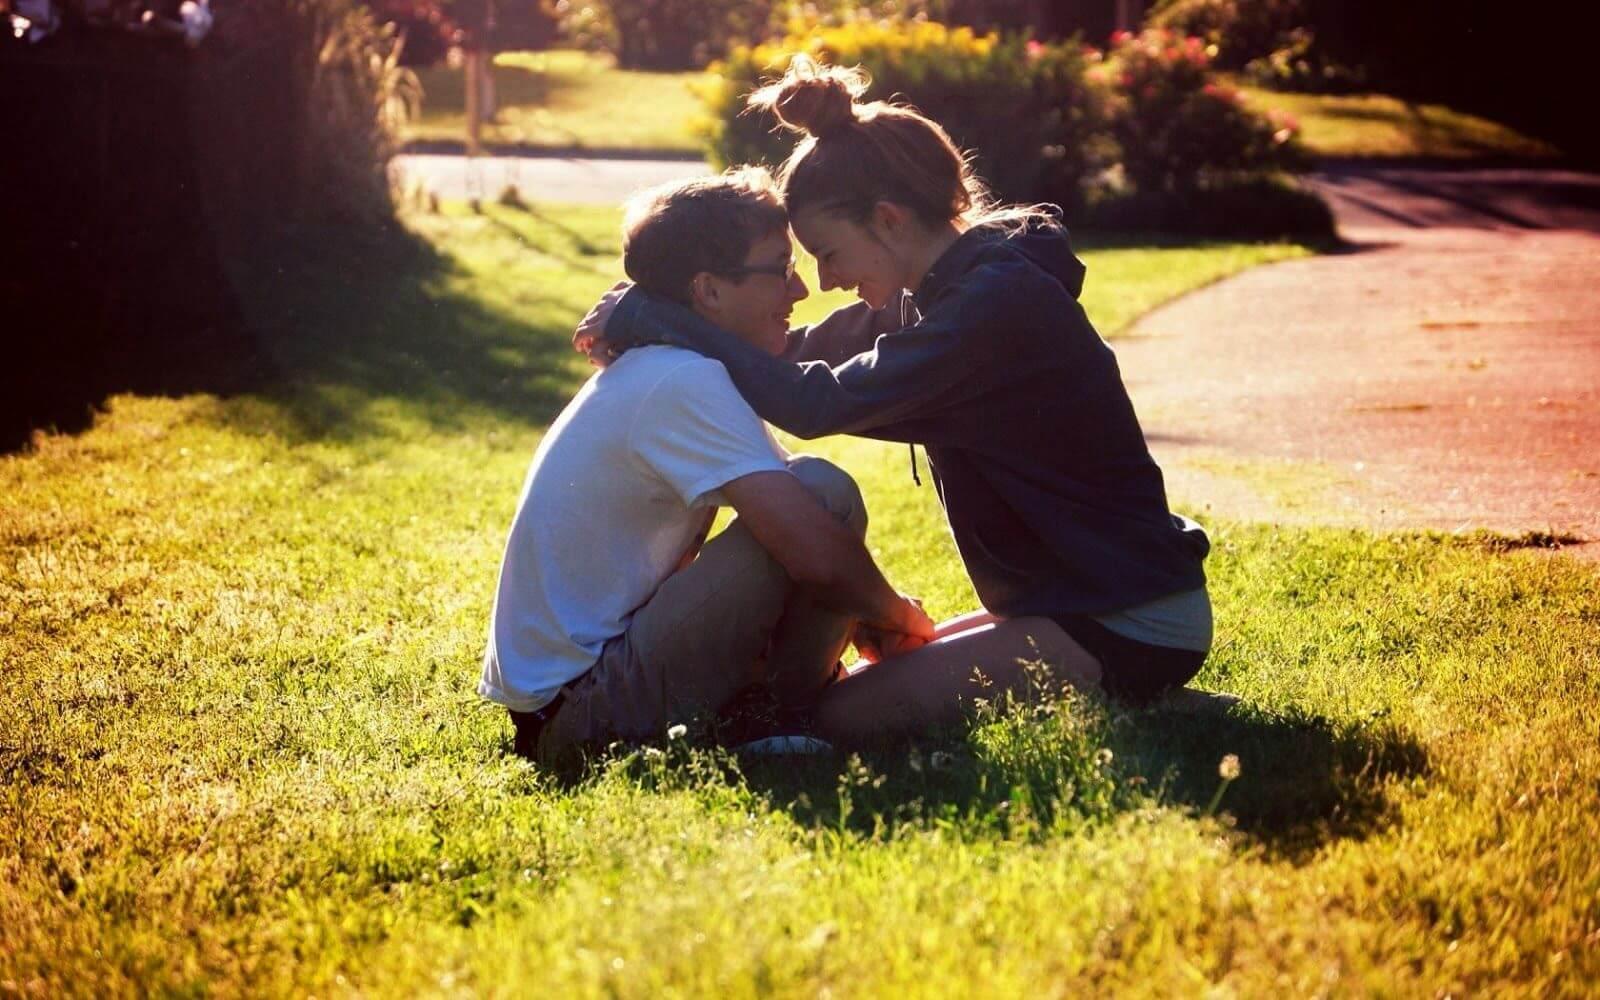 Imágenes-de-Amor-de-Parejas-Enamoradas-9